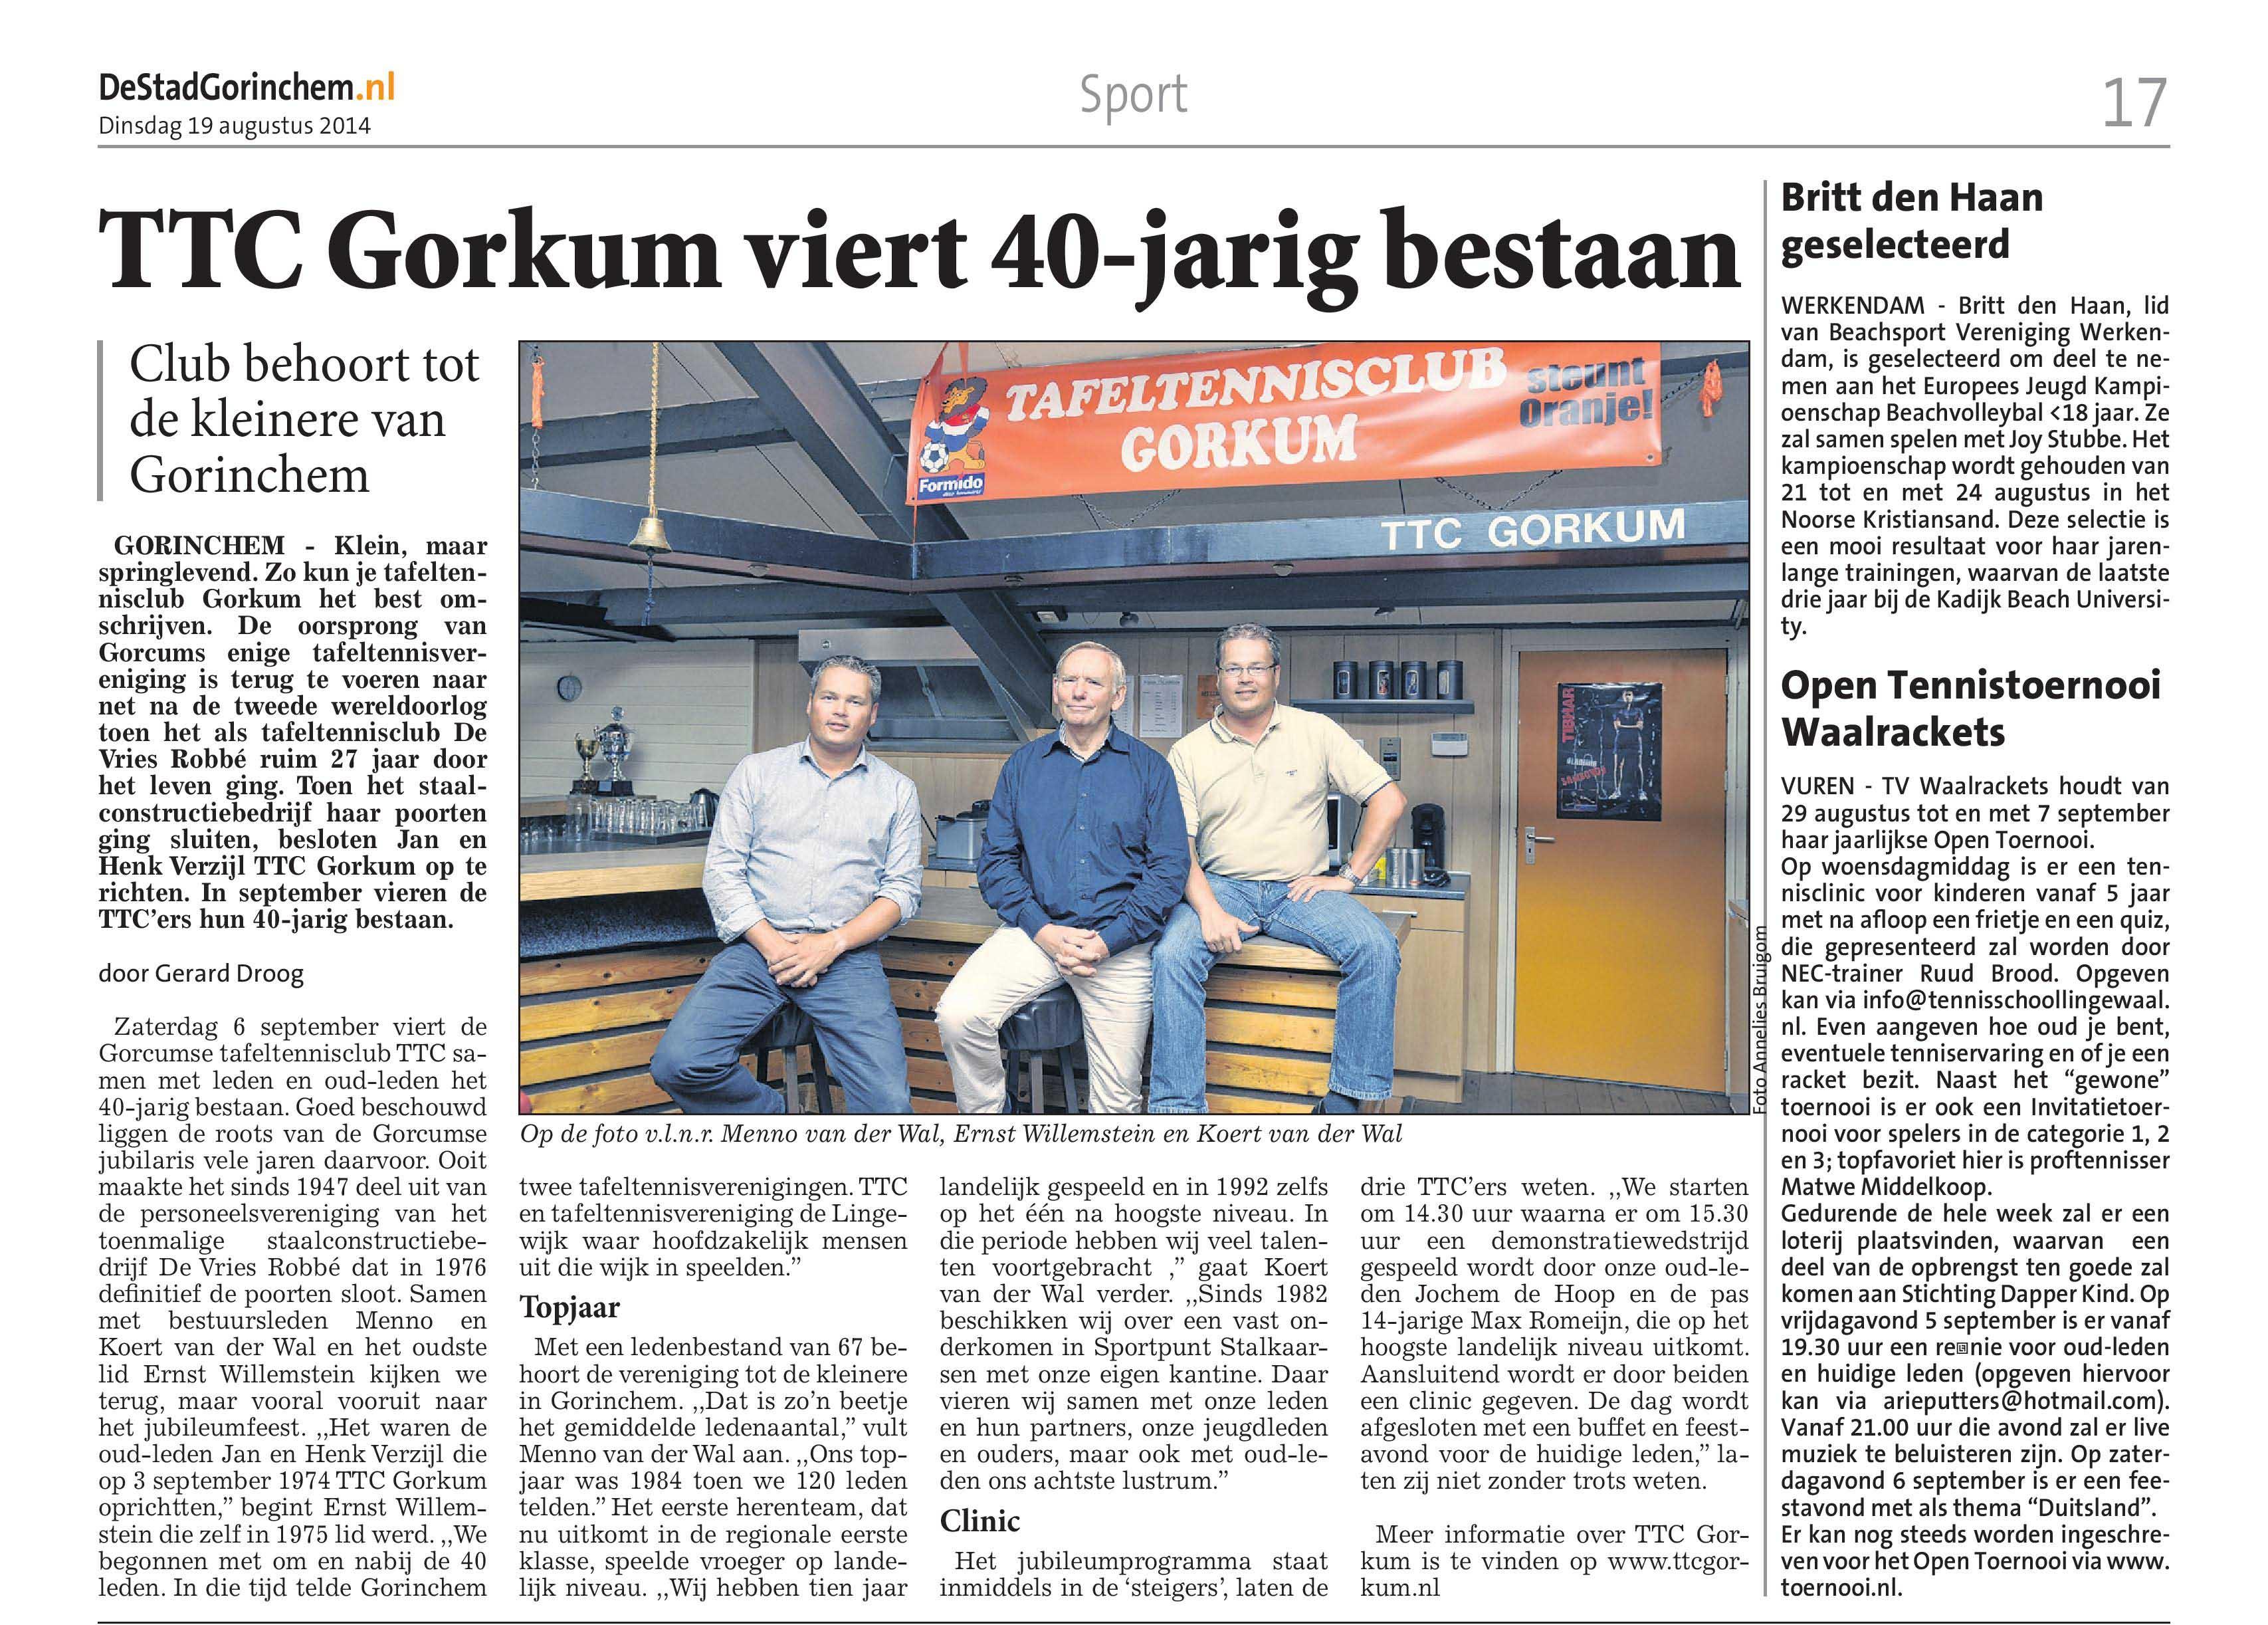 krantenartikel over het jubileum van TTC Gorkum